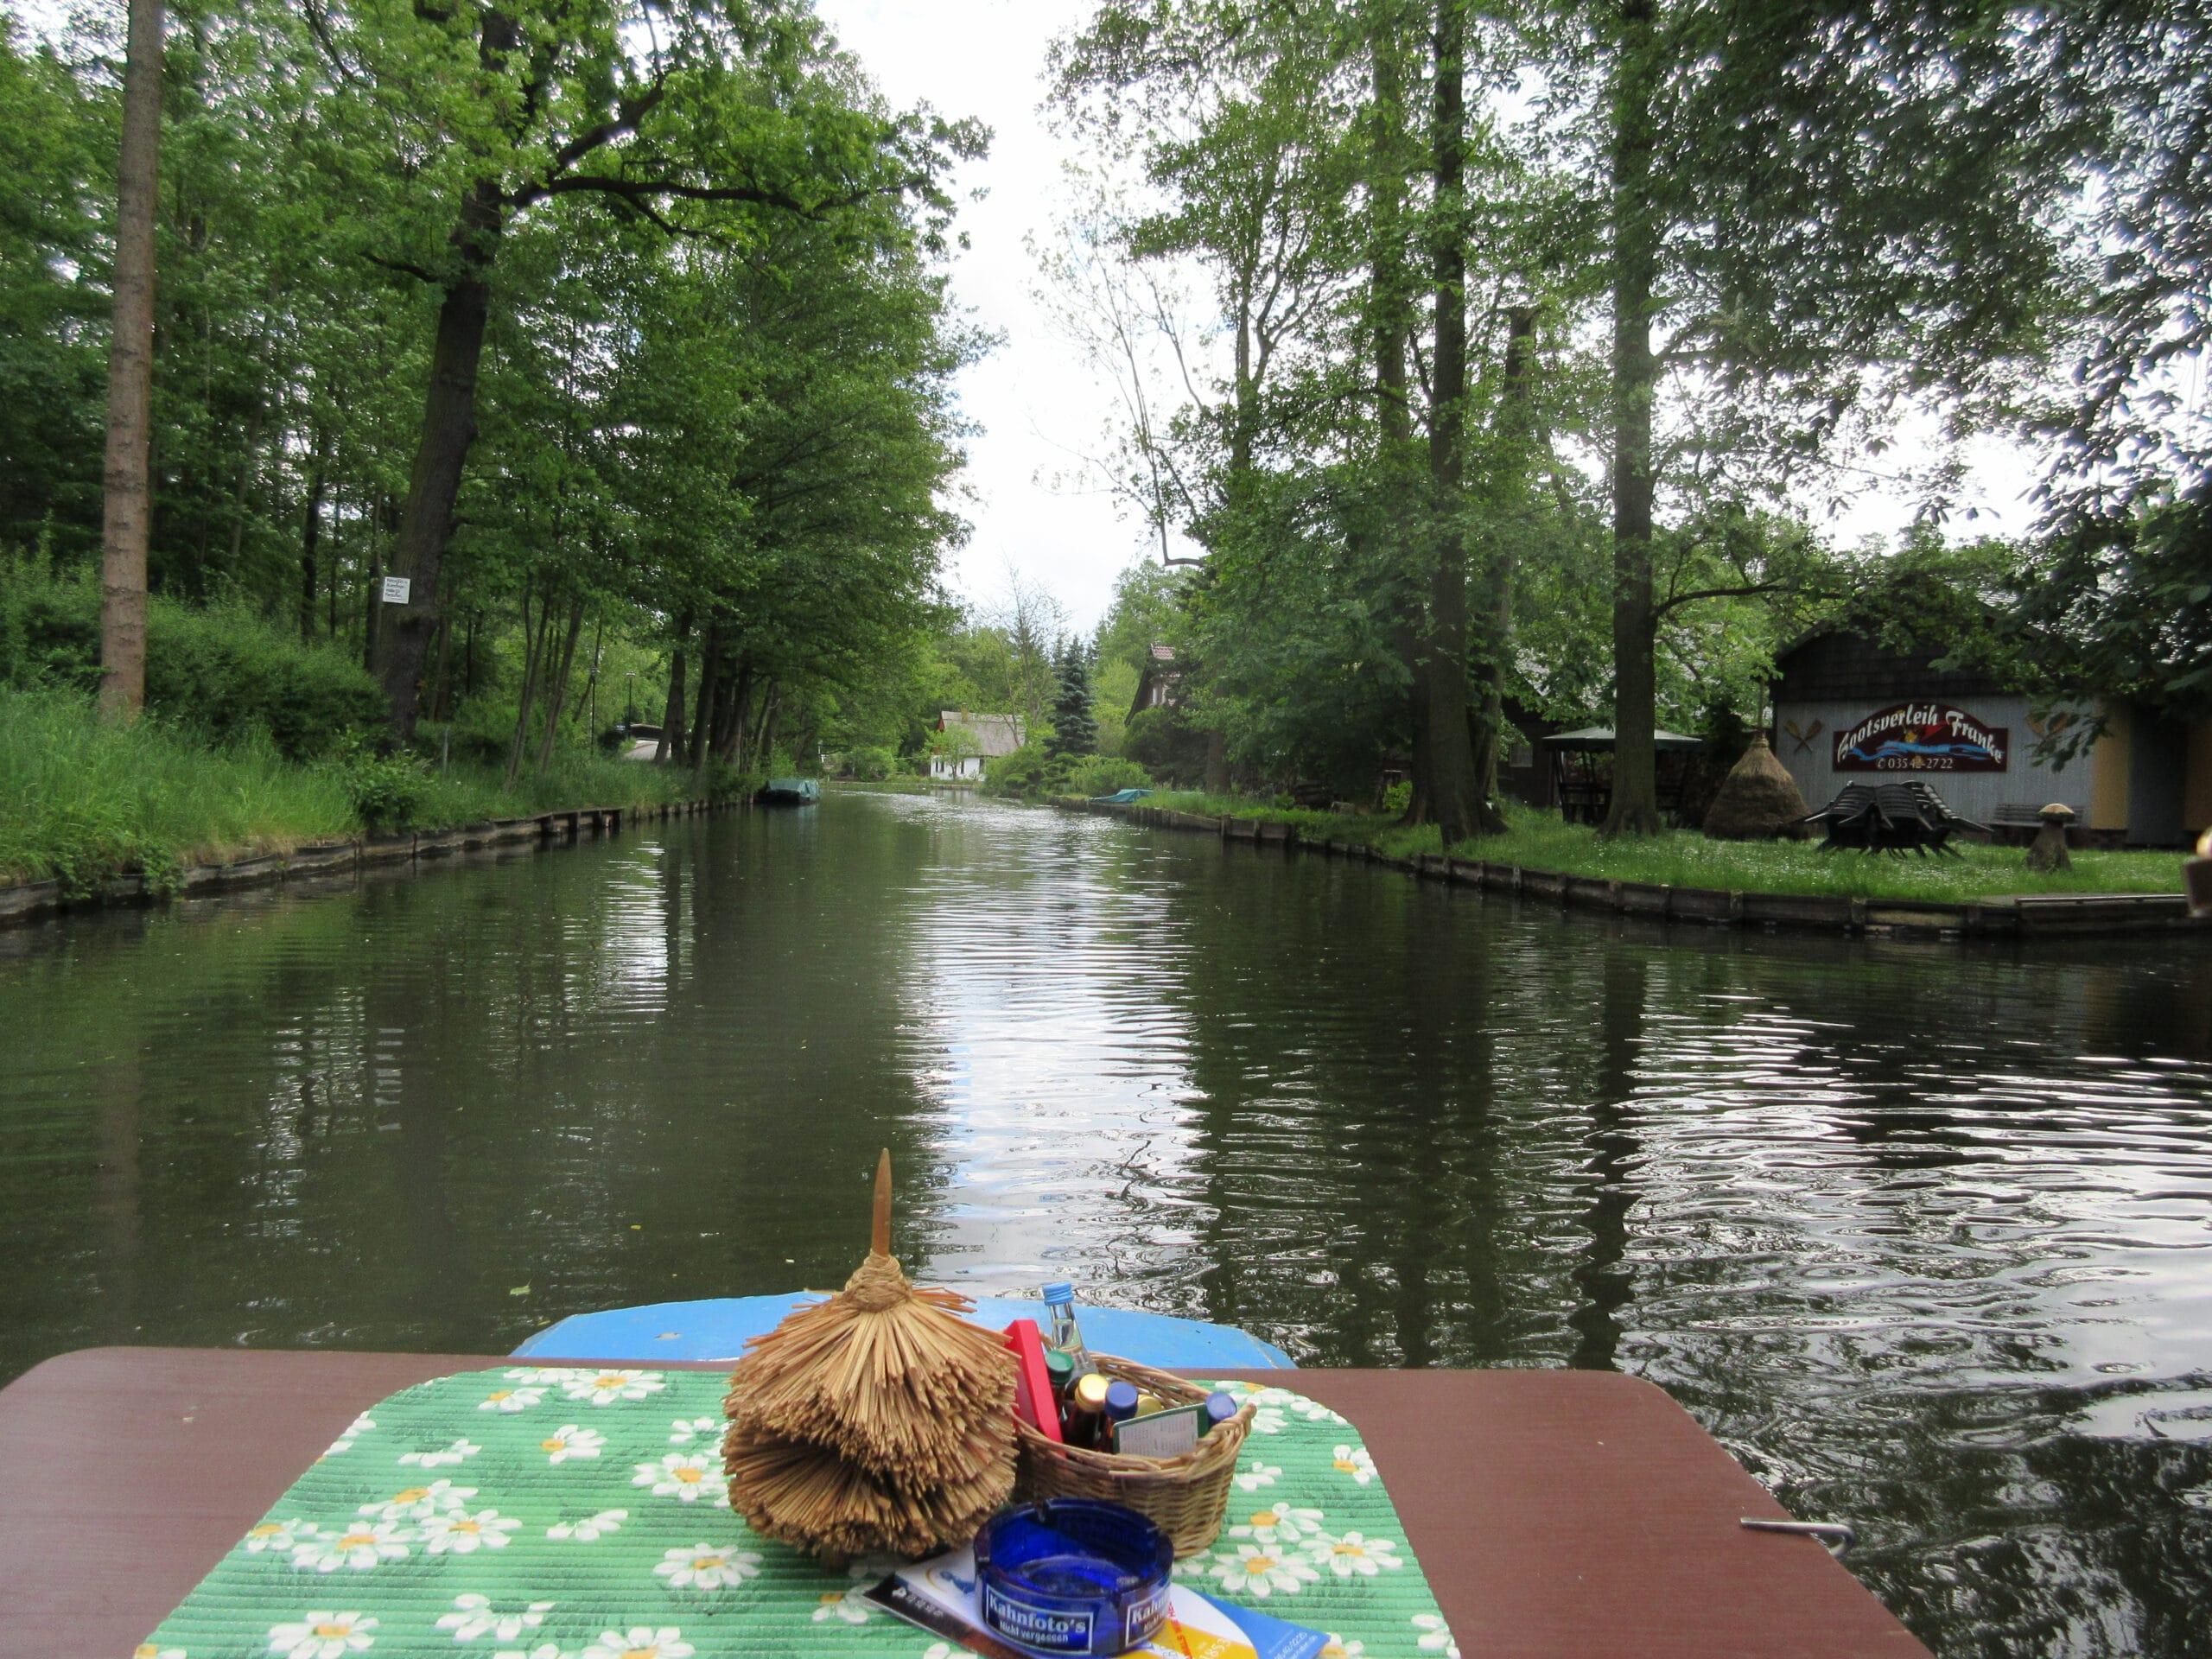 Wandern im Spreewald: die obligatorische Bootstour inklusive!